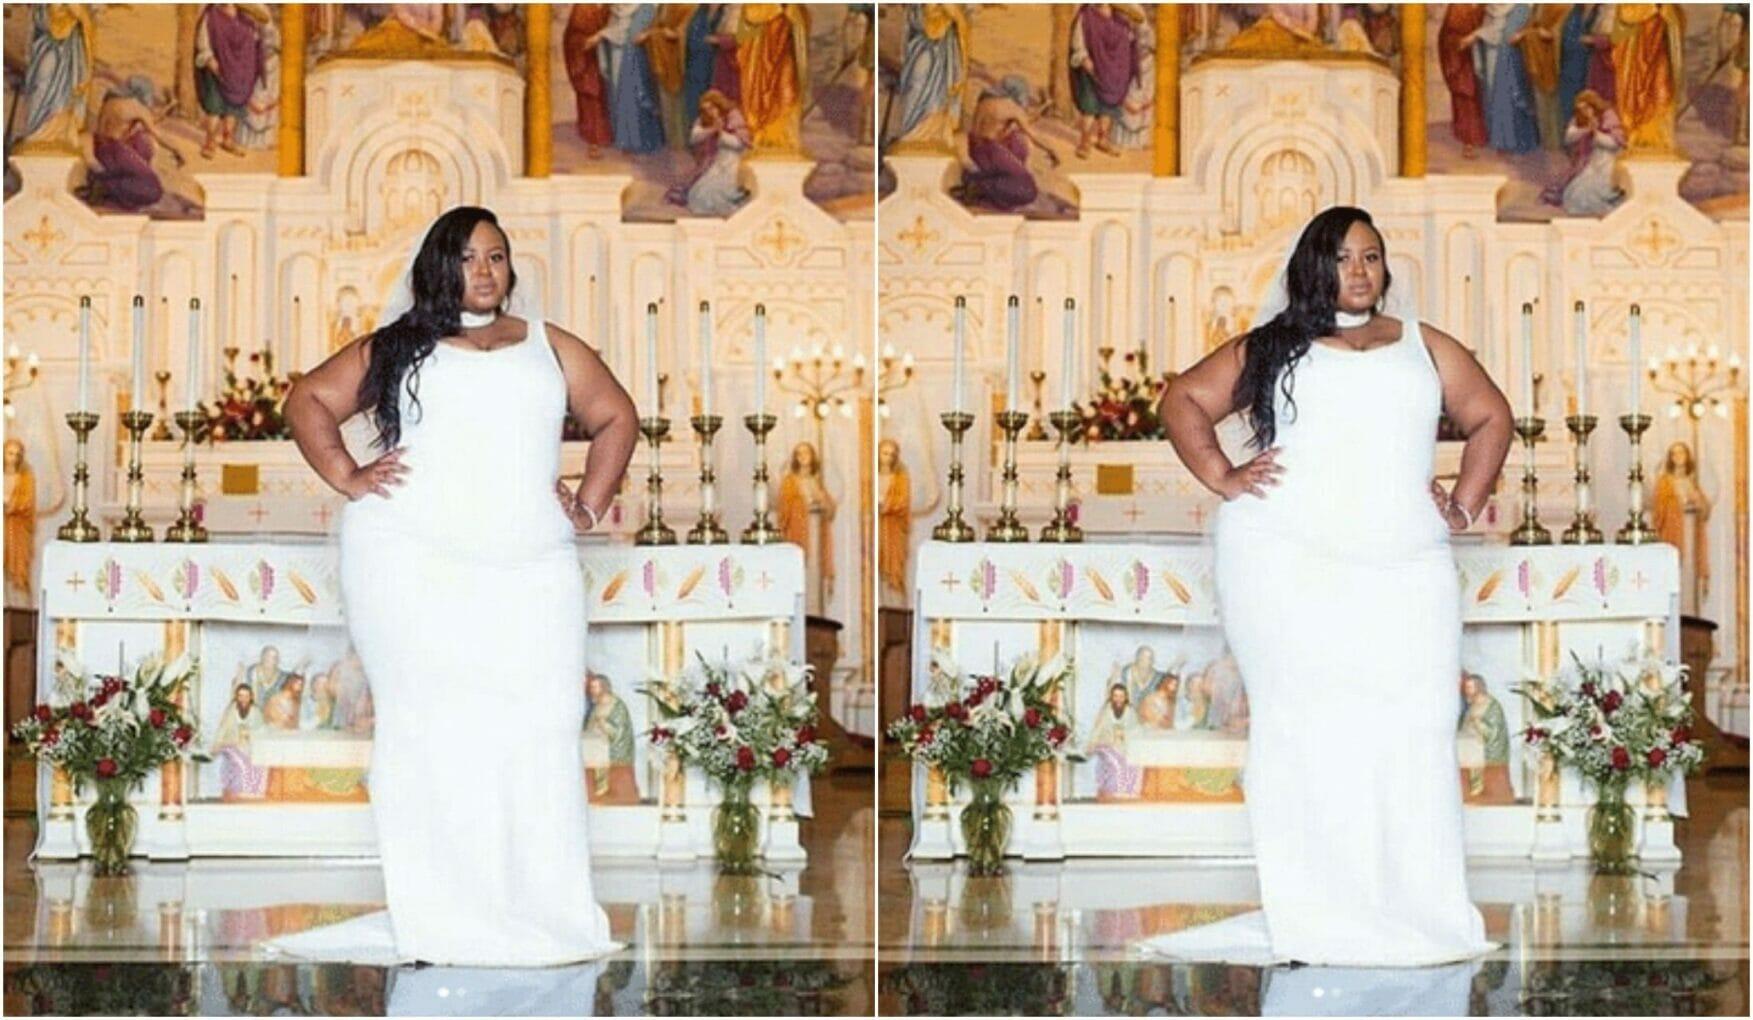 Big Bride who overcame hateful